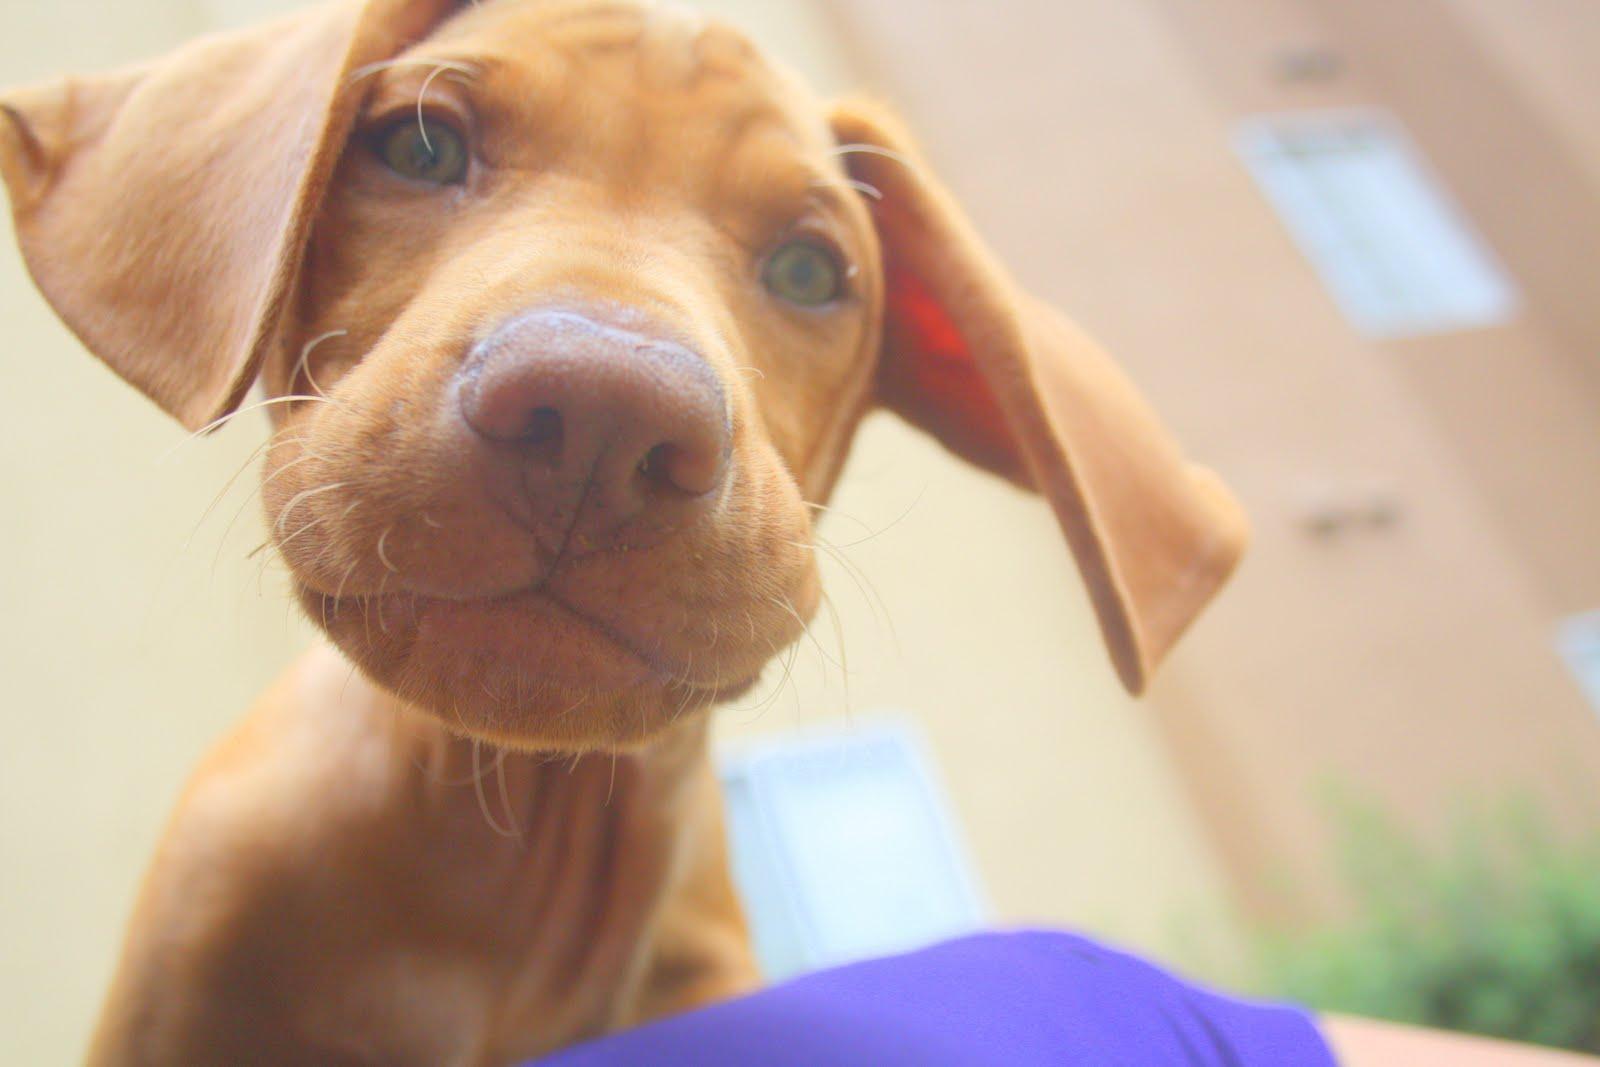 ... sale weimaraner puppies cute vizsla and weimaraner puppies funny Weimaraner For Sale